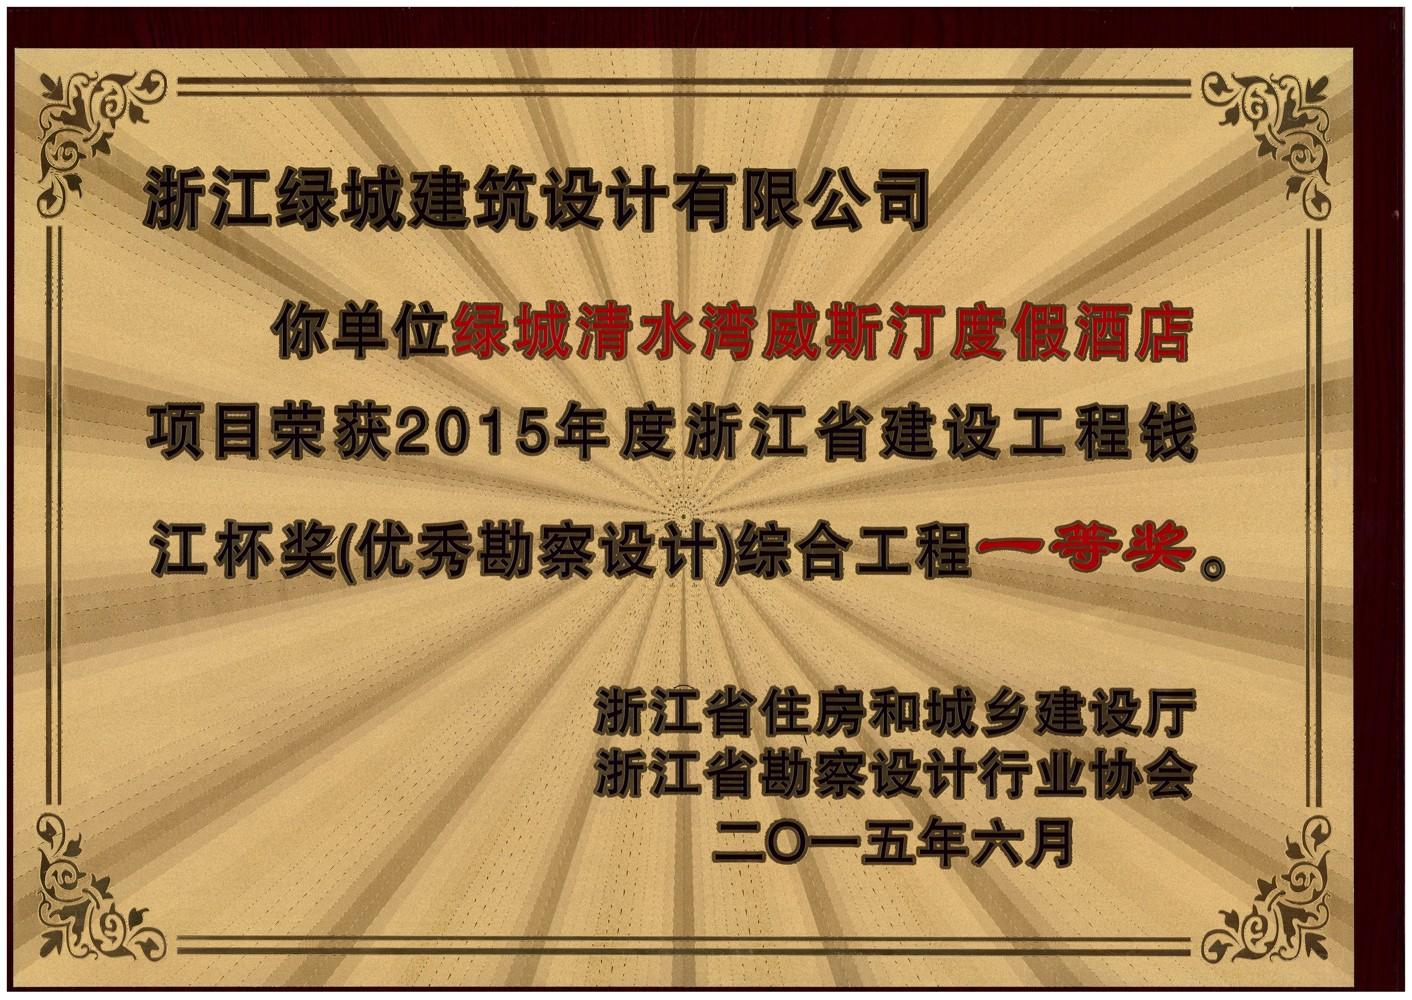 034-(综合工程一等奖)-绿城清水湾威斯汀度假酒店项目-奖牌.jpg